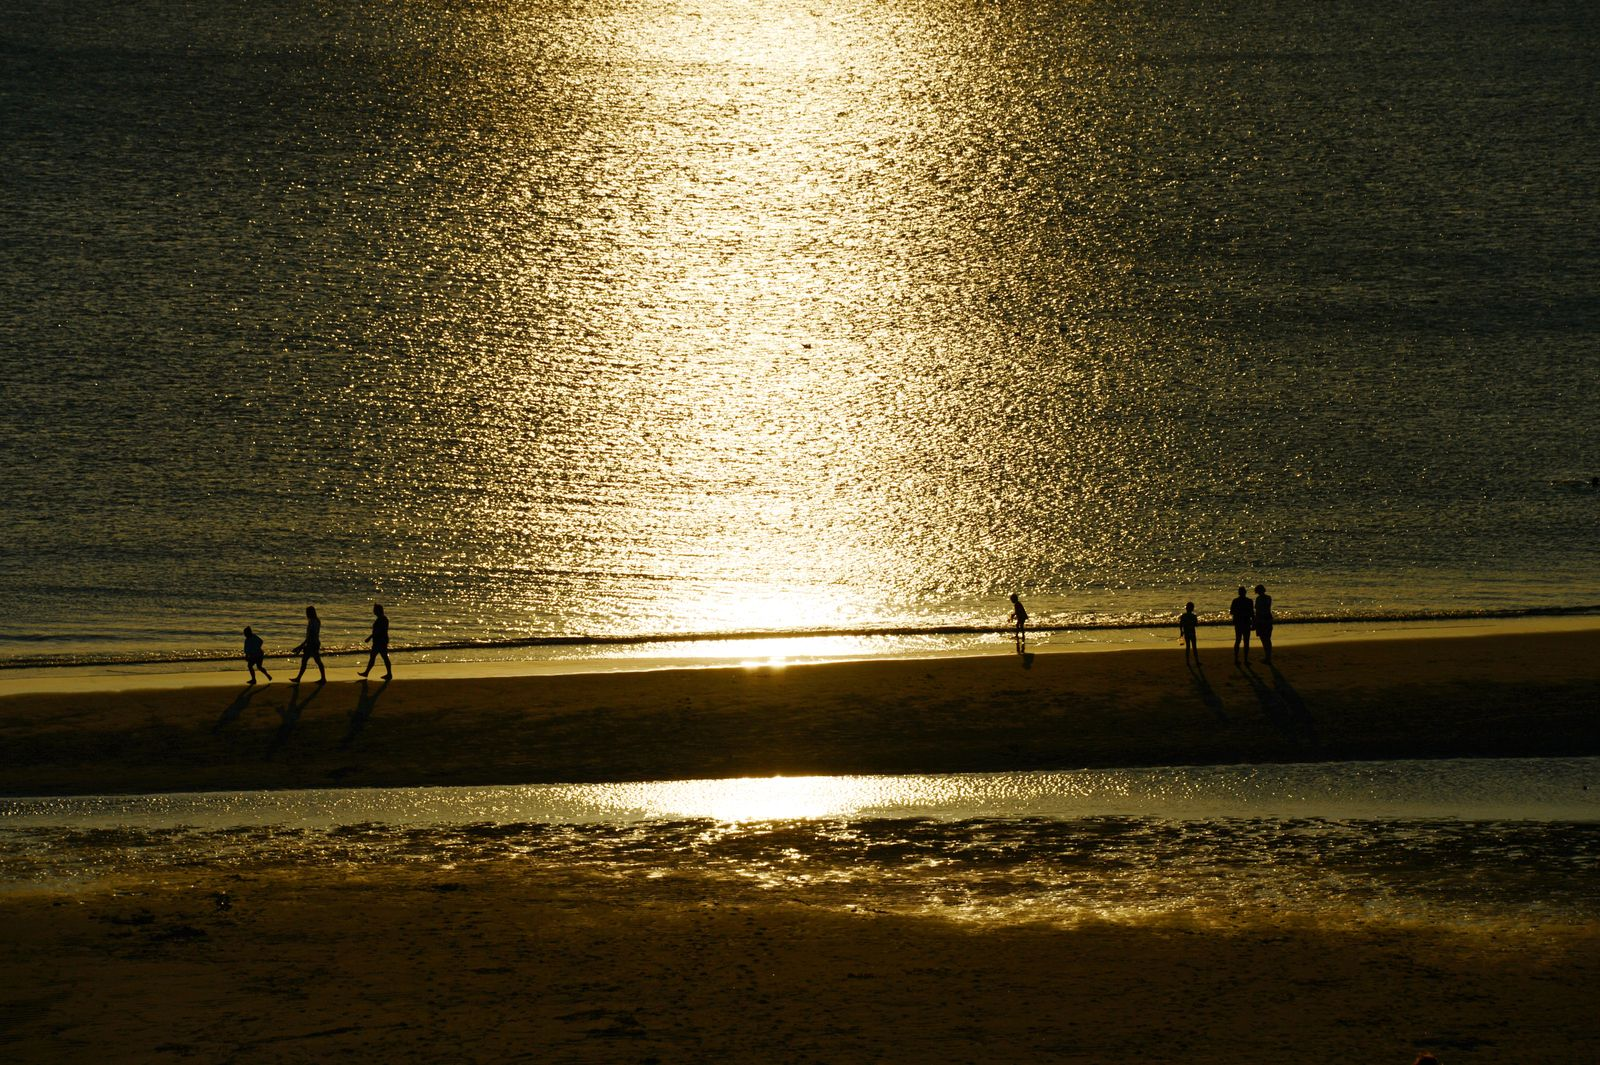 Entspannen auf Sylt / Glück / Strand / Sonnenuntergang / Urlaub